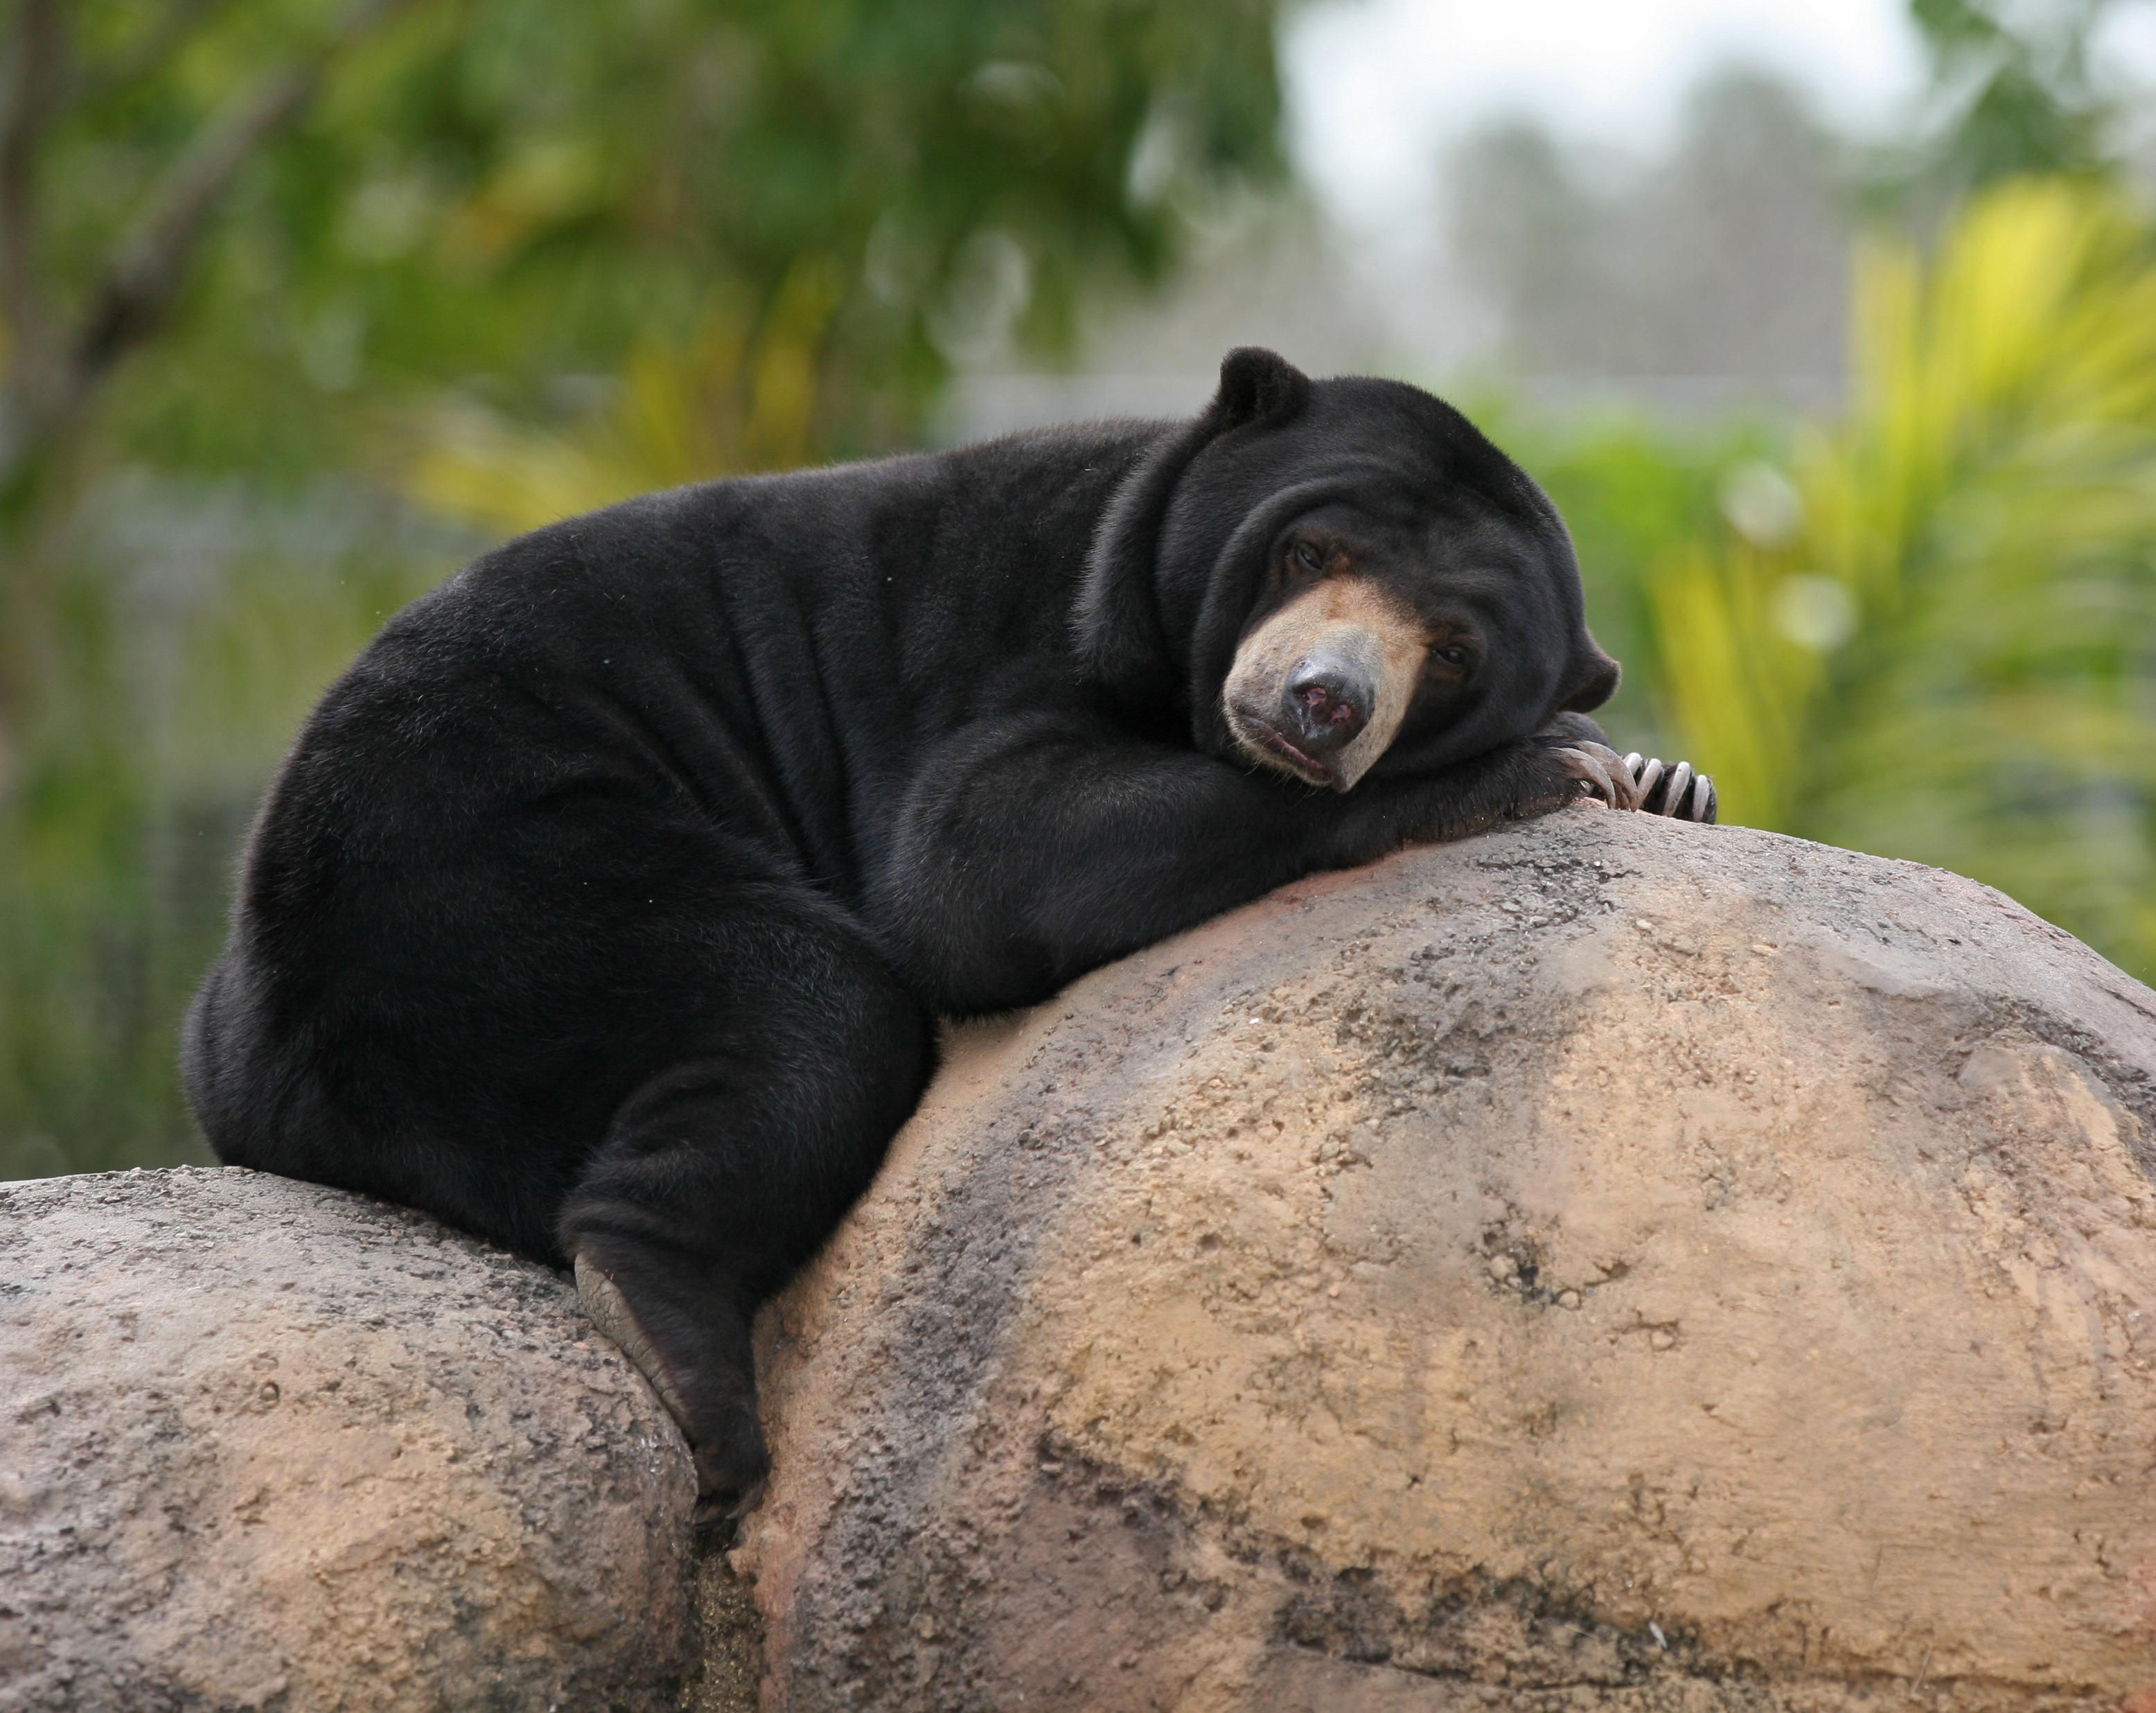 File:Malaysian Sun Bear.jpg - Wikipedia - 2569.7KB